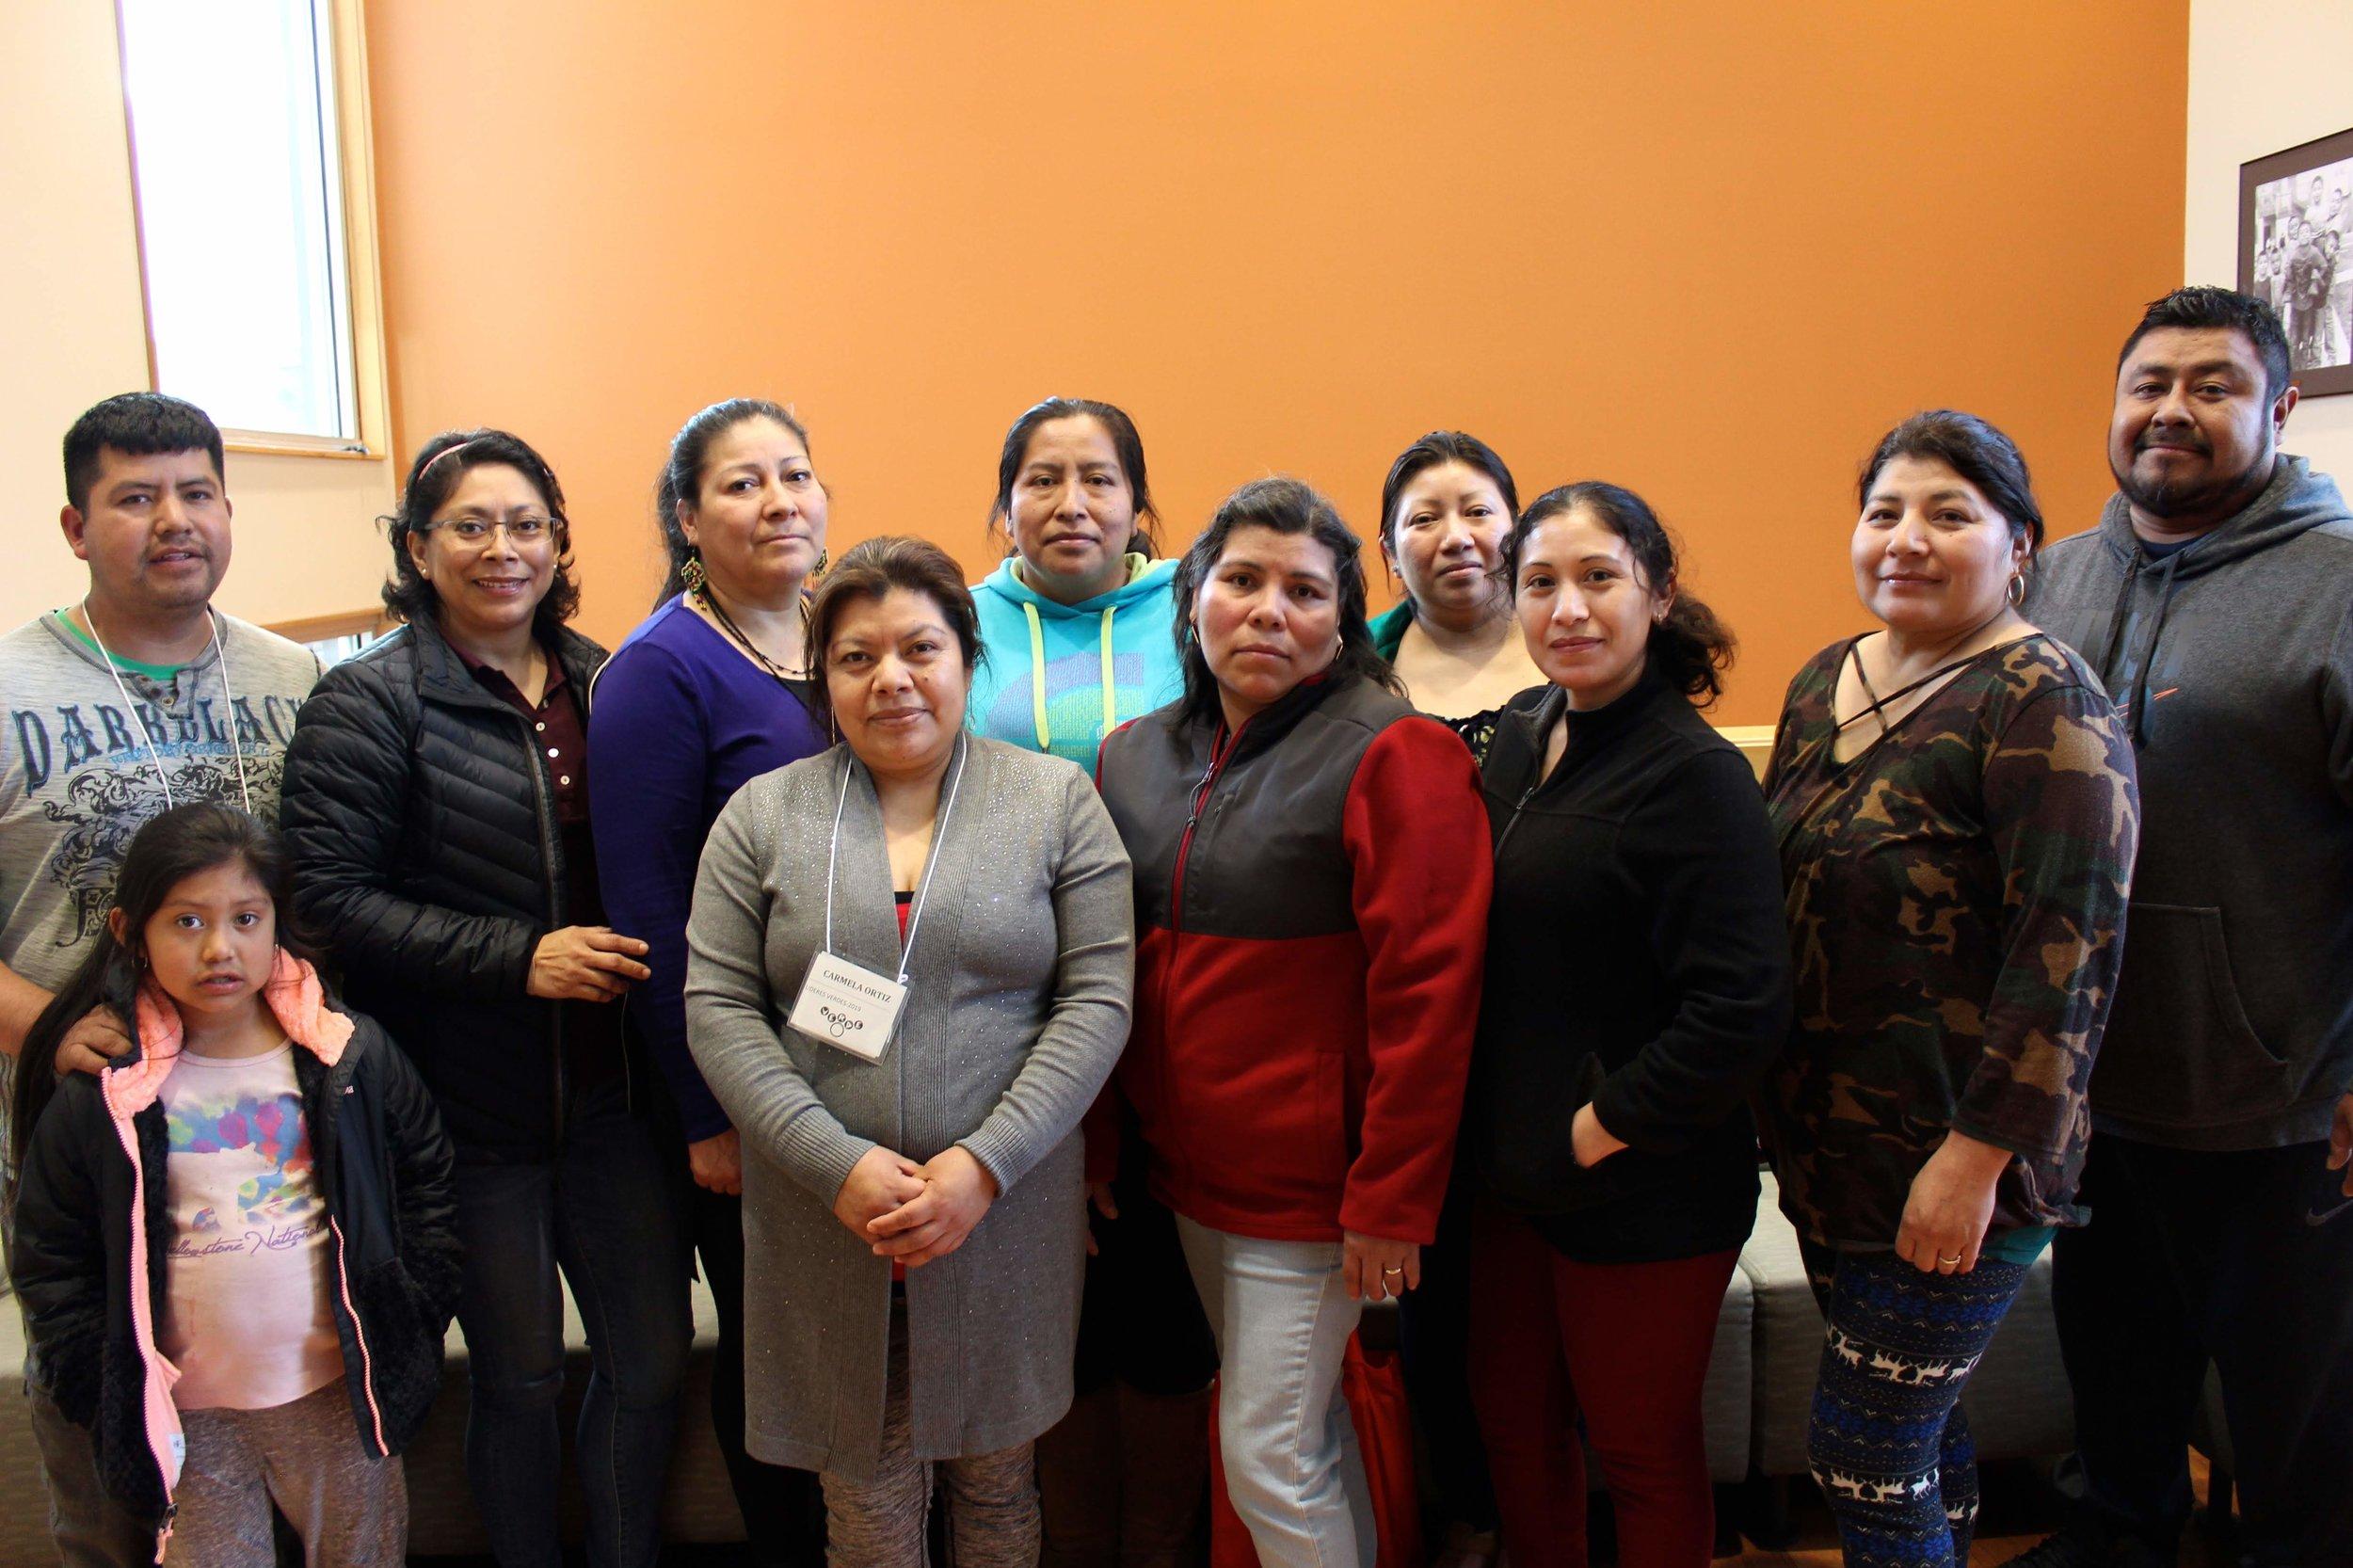 (From the left): Cirilo, Lucia, Melecia, Carmela, Olga, Isabel, Zoemy, Wendi, Felipa, Yoni